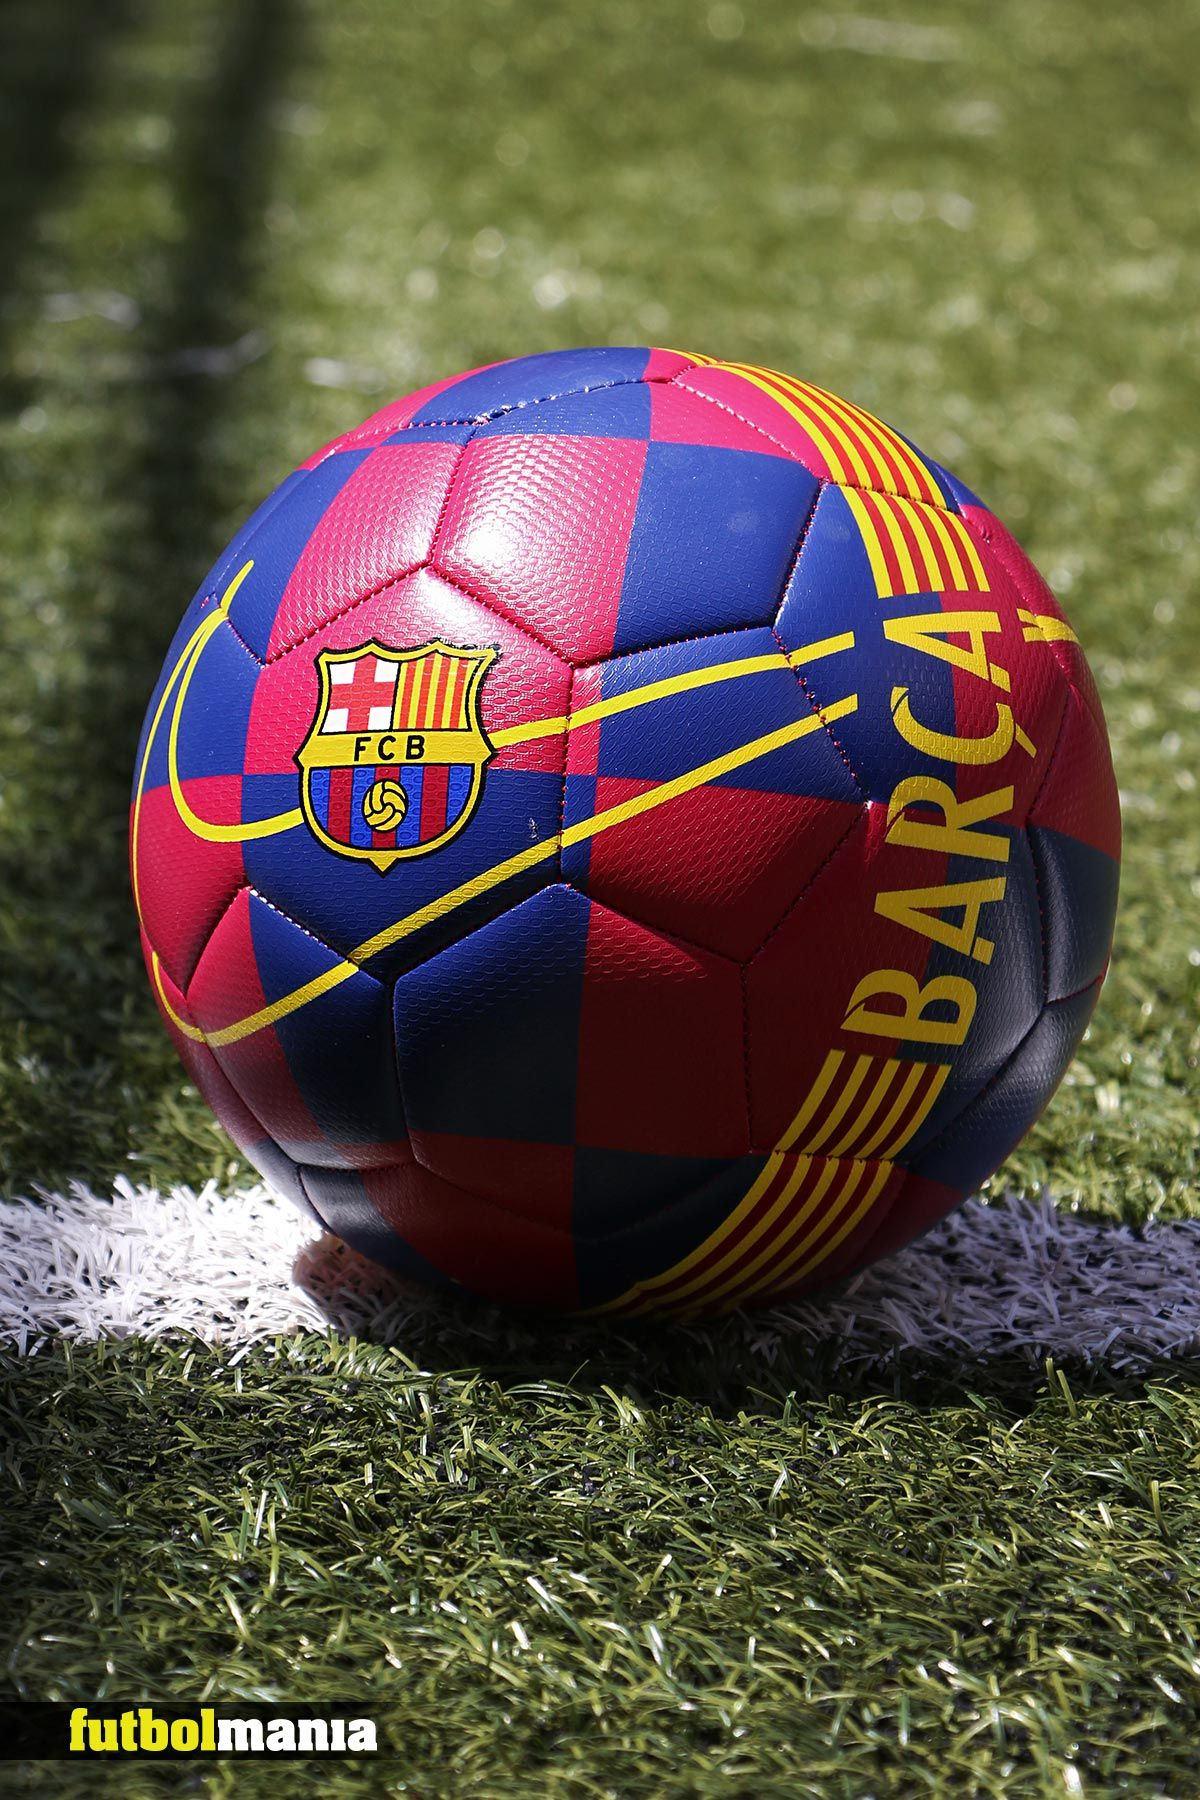 Él Factibilidad Arthur Conan Doyle  Pin en Balones fútbol